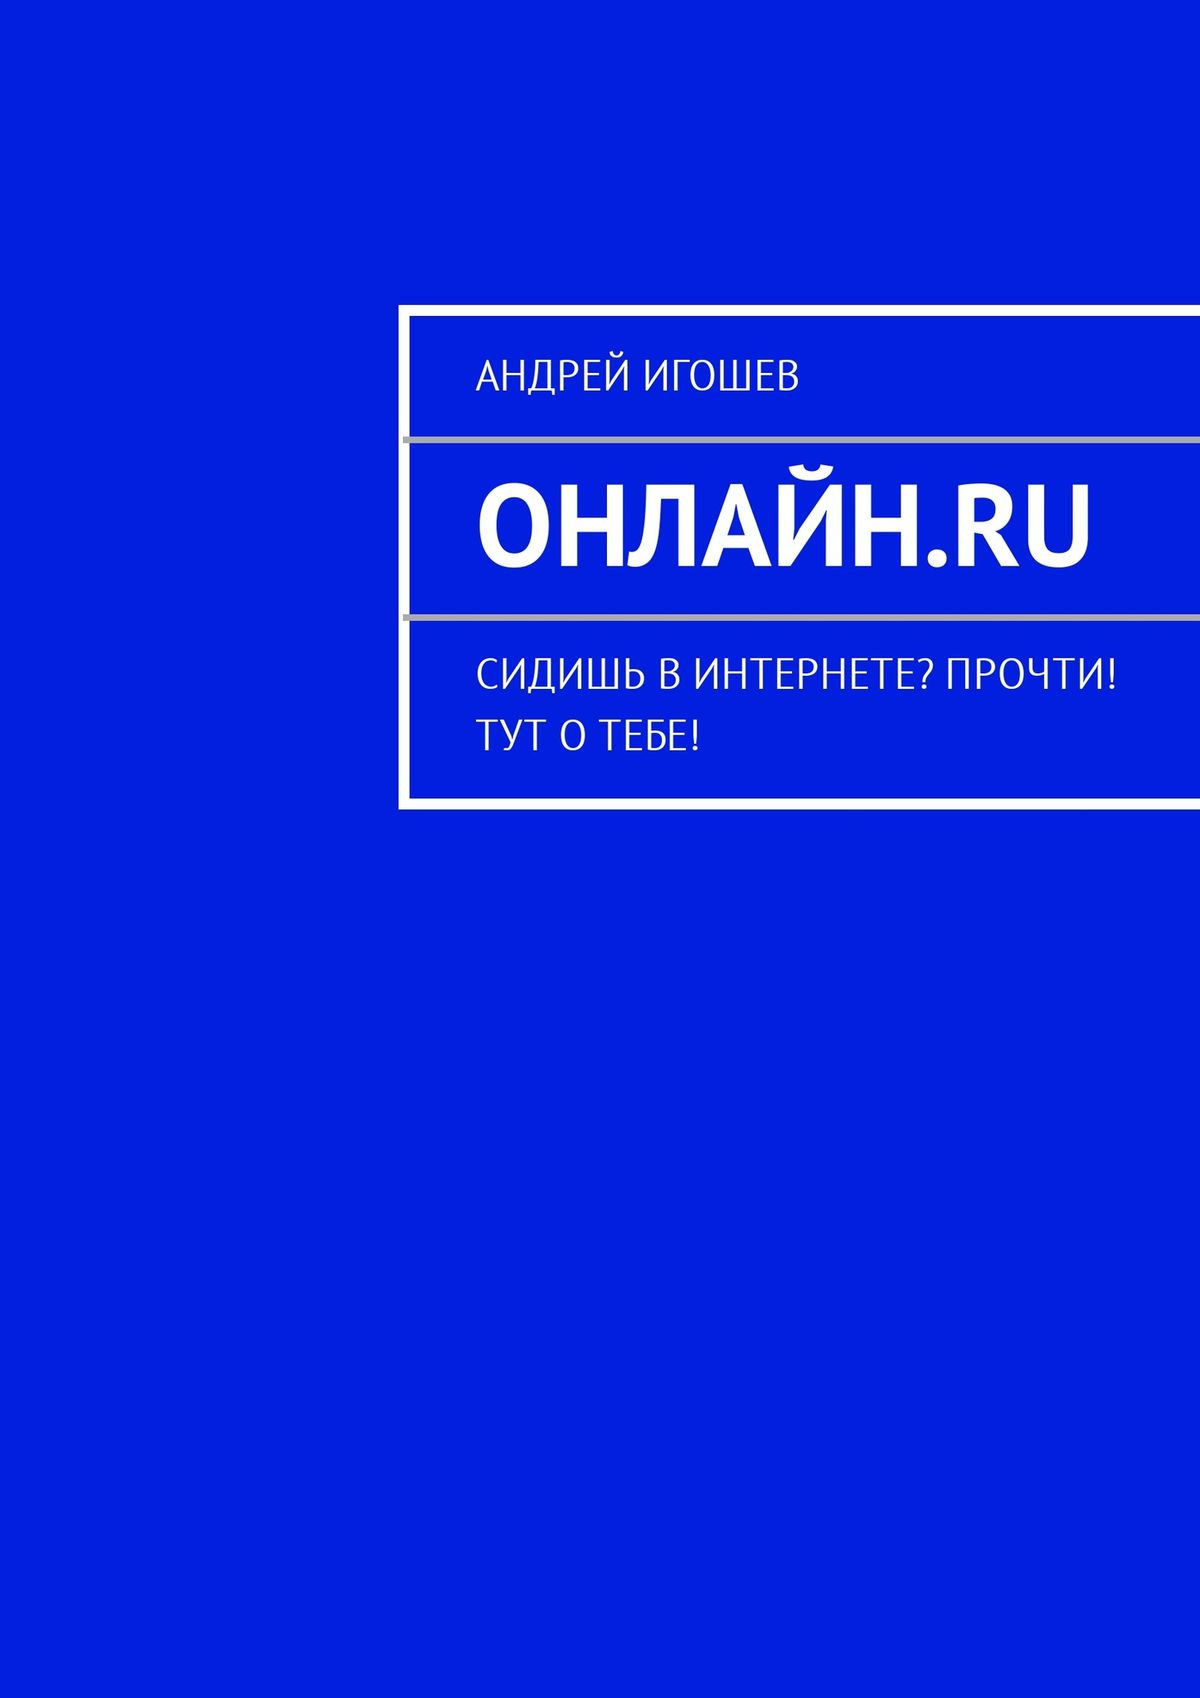 Андрей Игошев Онлайн.ru. Сидишь вИнтернете? Прочти! Тут отебе! сергей усков форумы блоги соцсети и другие ресурсы в интернете